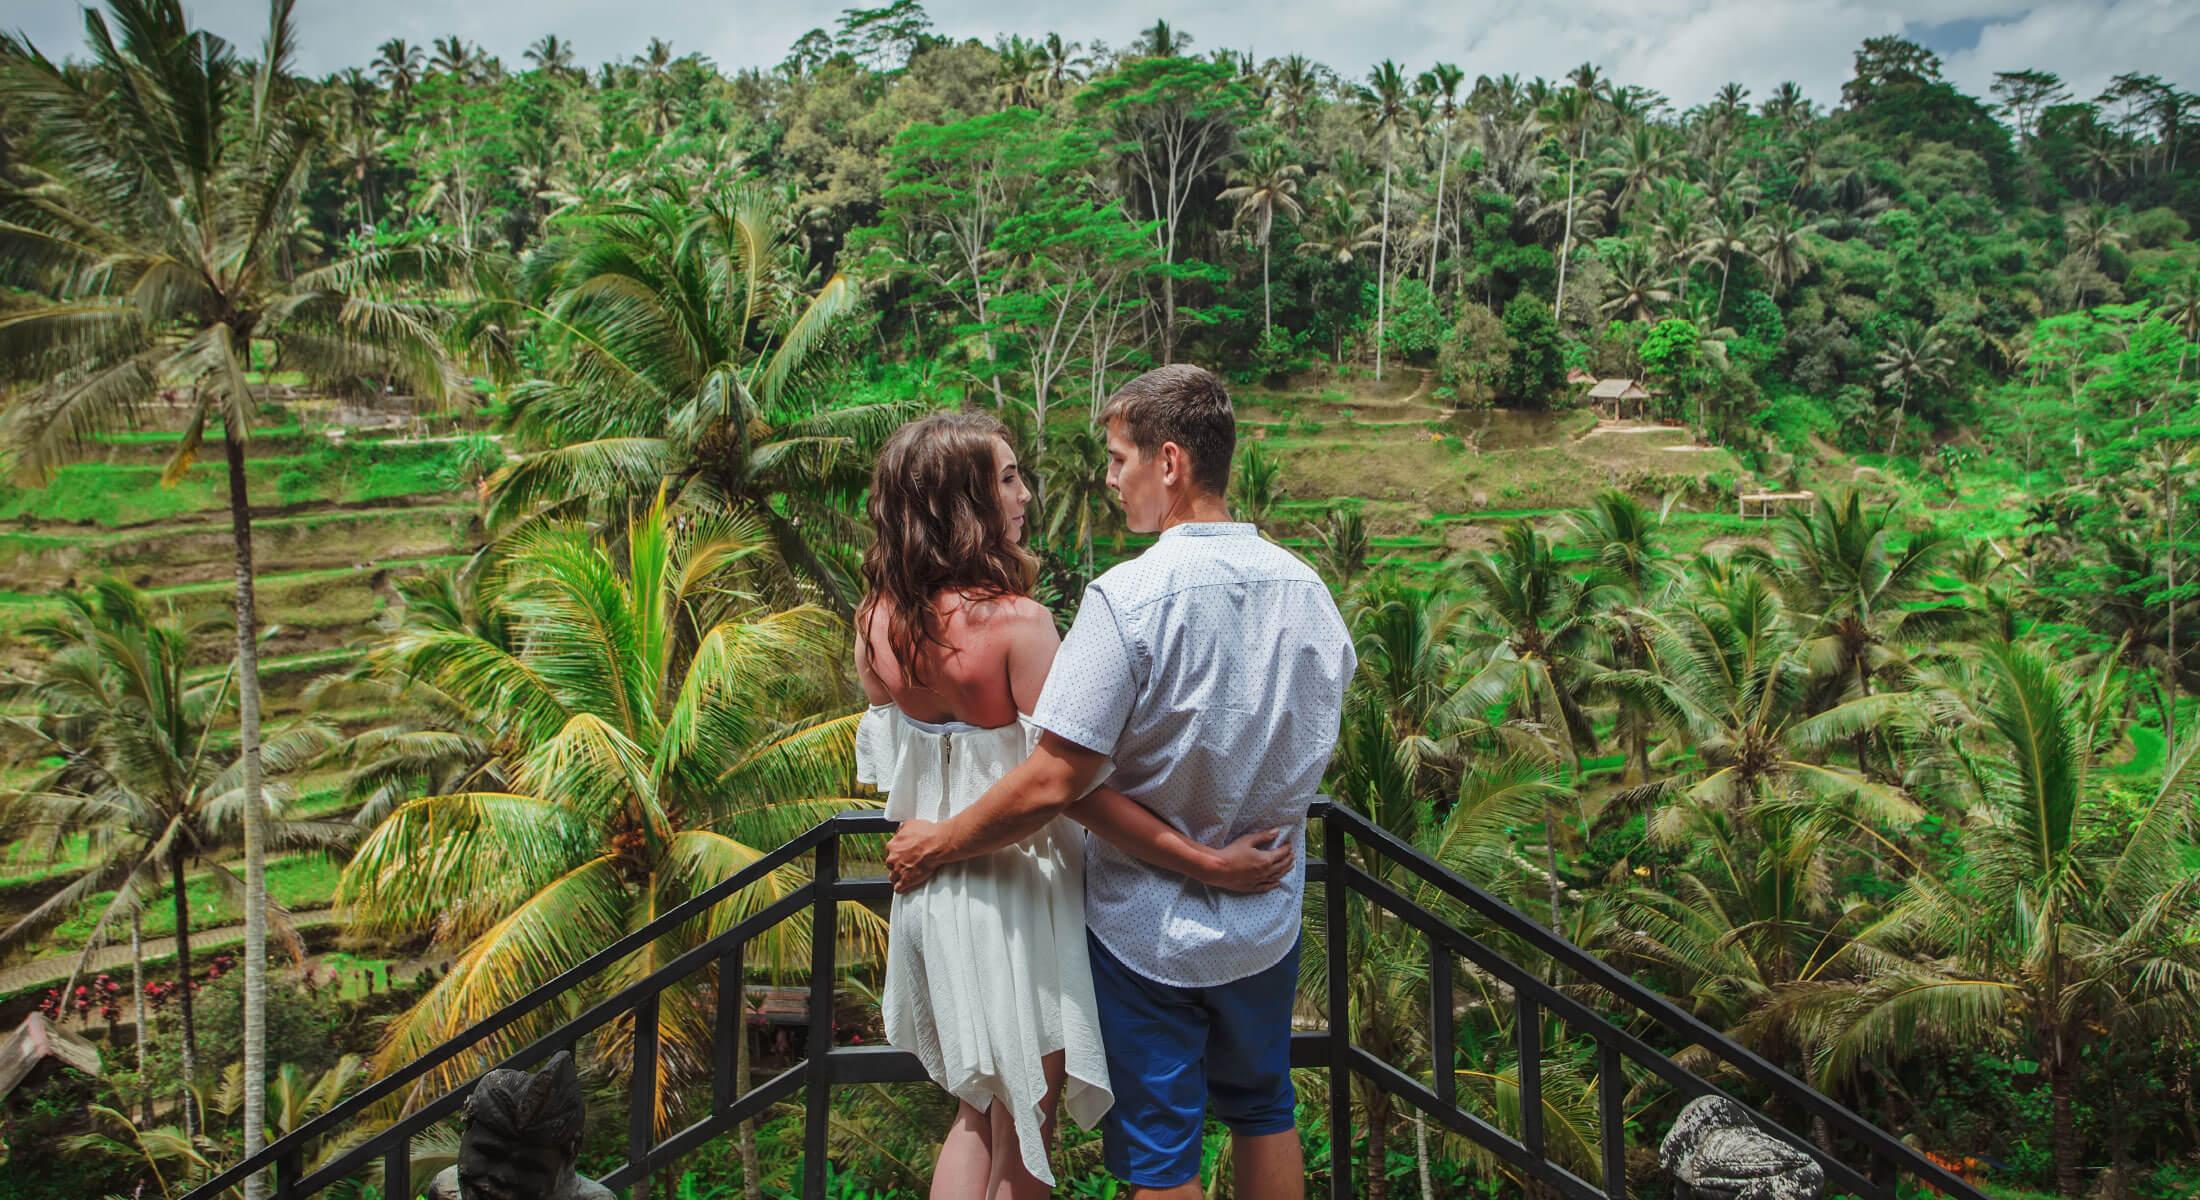 Couple on balcony overlooking rainforest